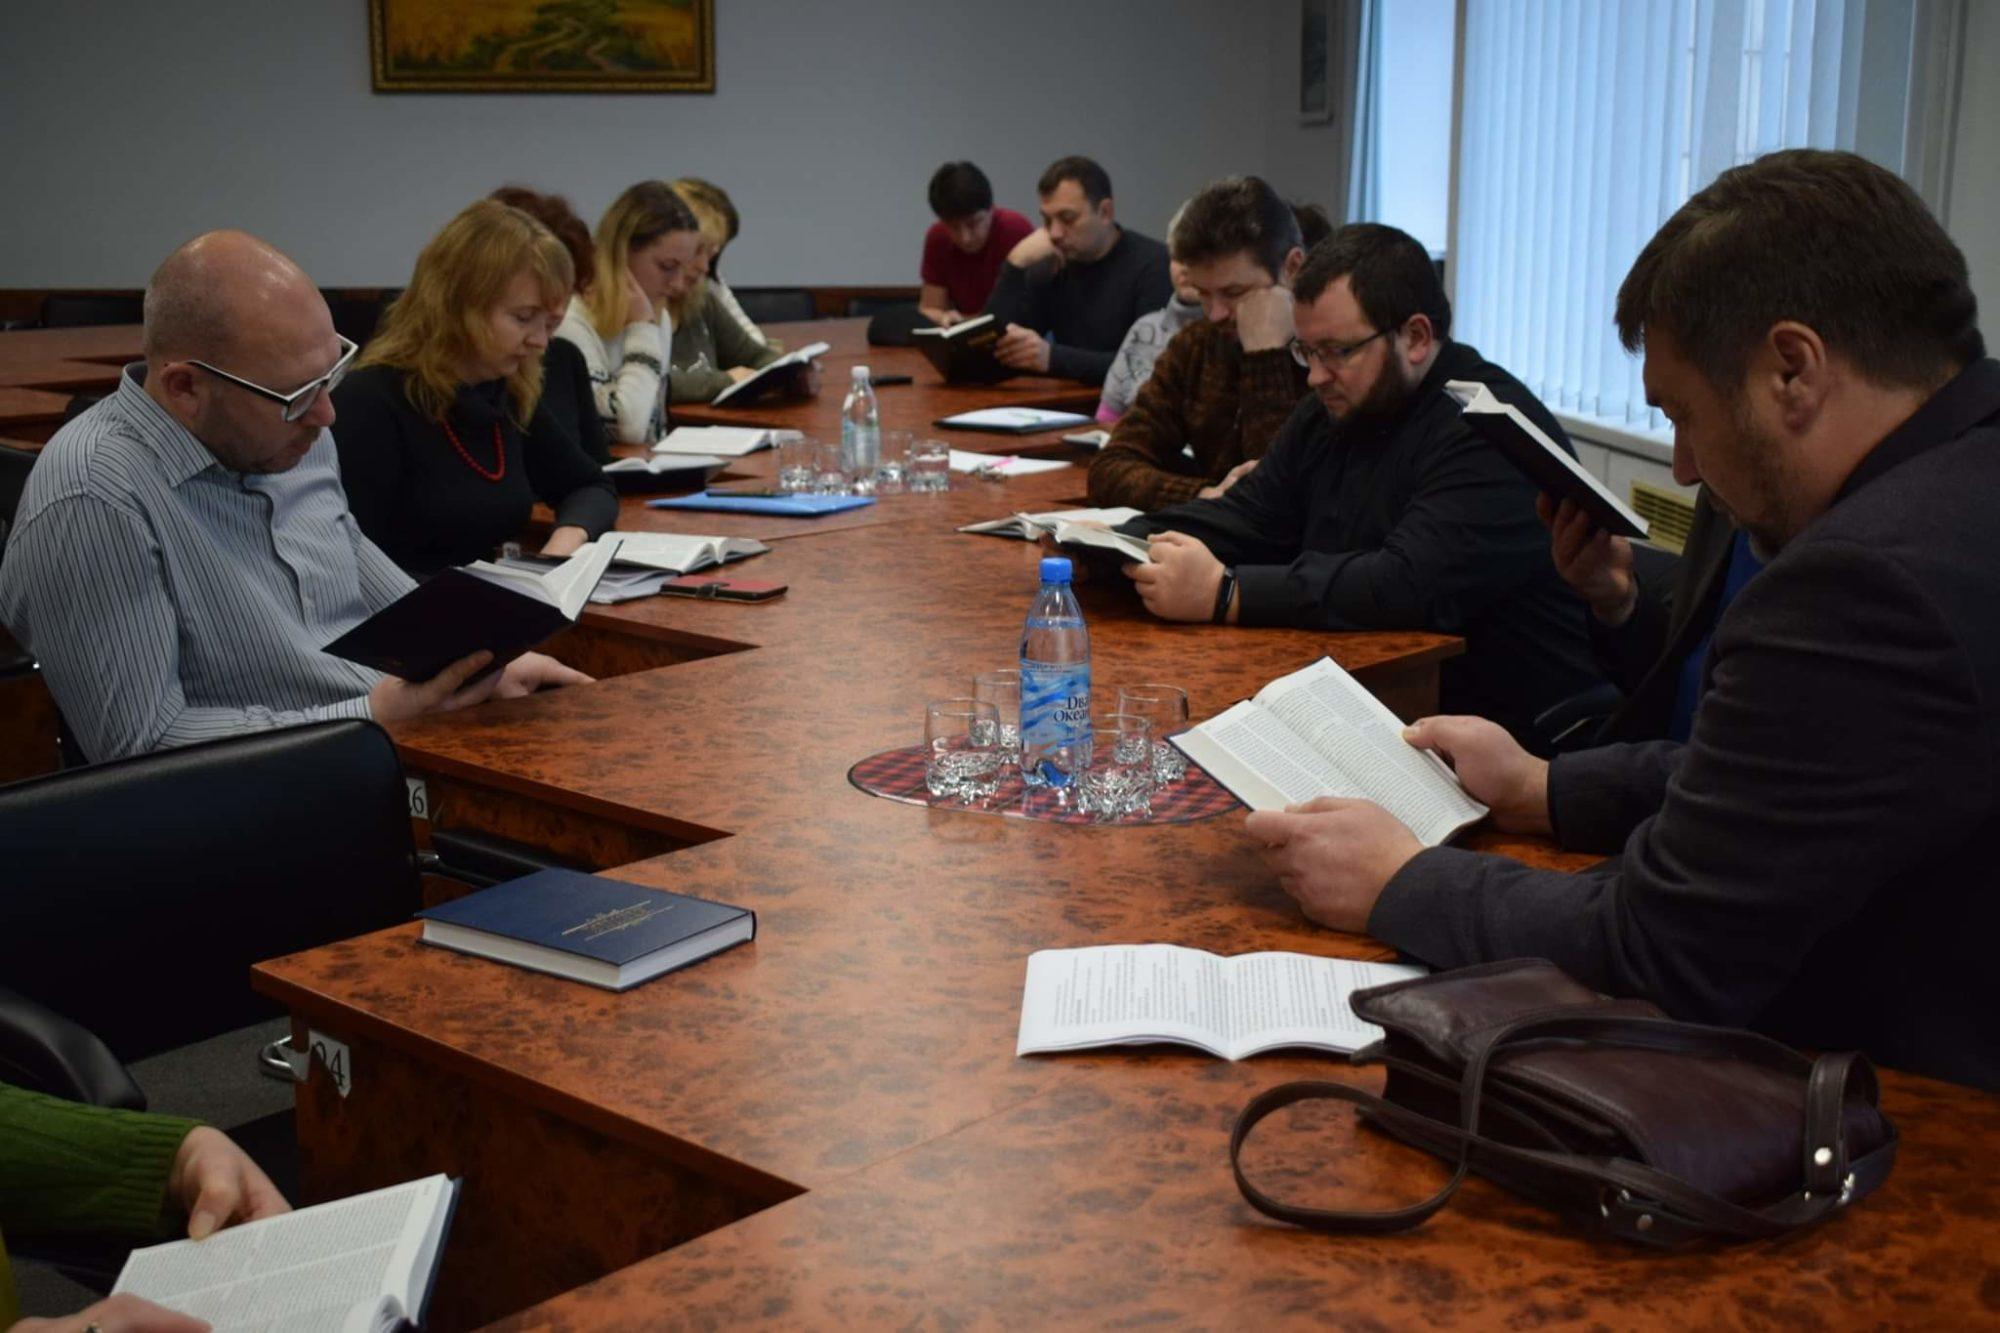 День Біблії: як у Броварах Святе Письмо вивчають - християни, Броварська міська рада - yzobrazhenye viber 2020 11 29 12 50 59 2000x1333